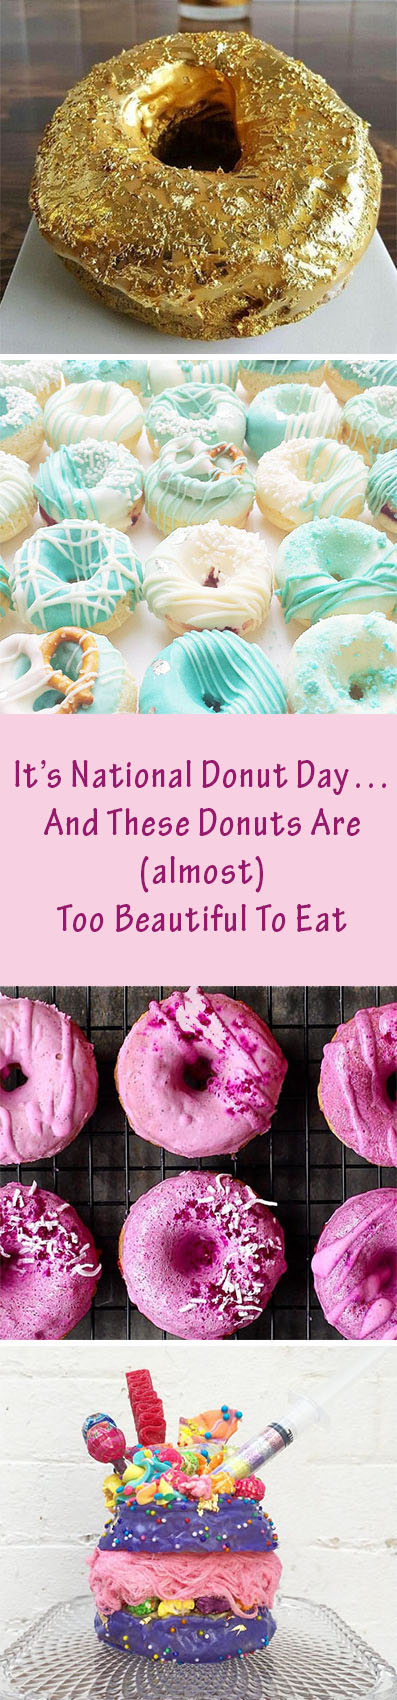 donut-day_020616_13